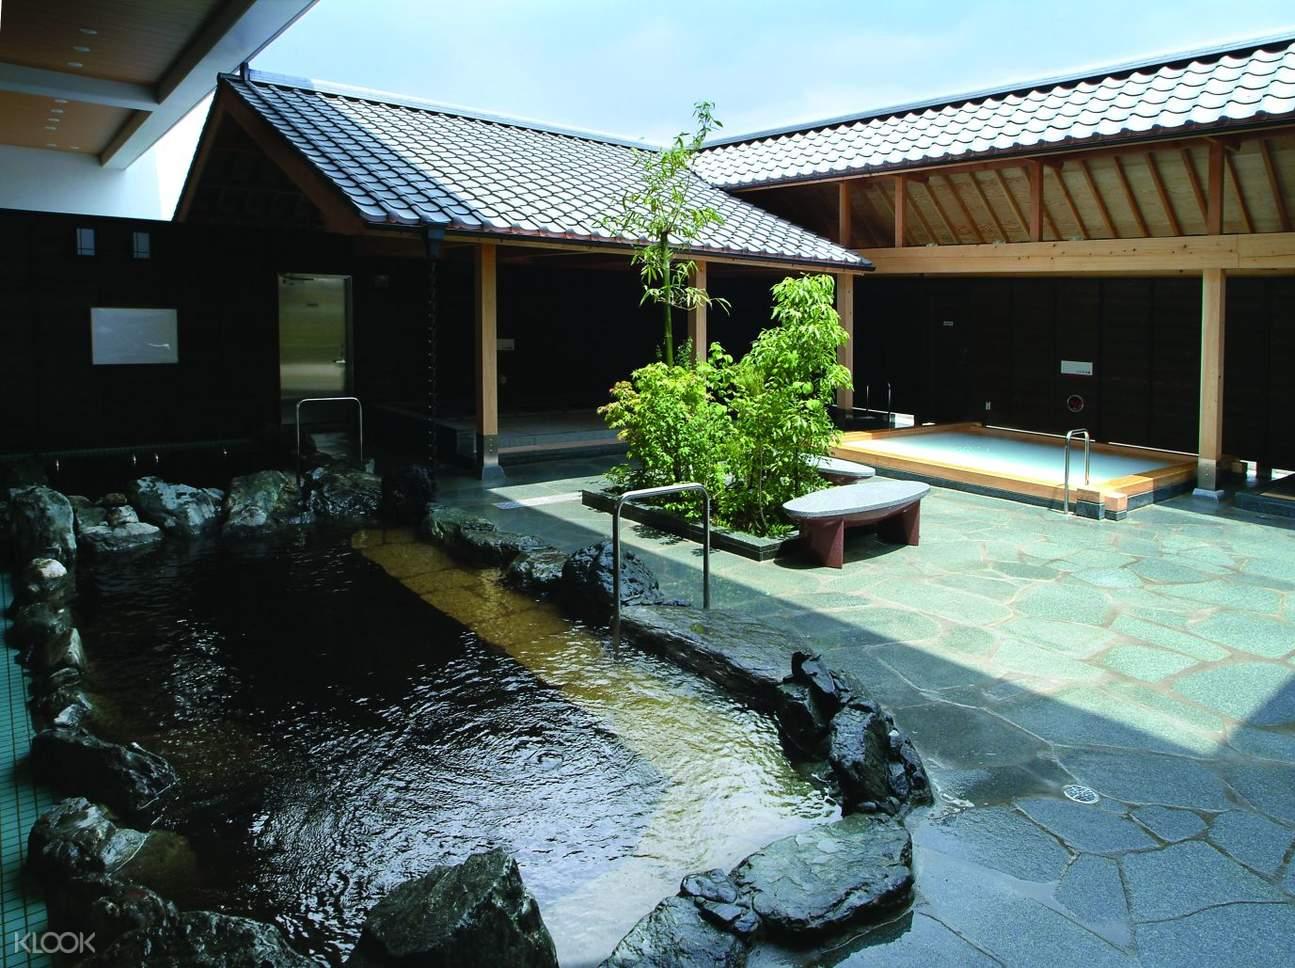 橫濱溫泉,橫濱滿天の湯,橫濱日式溫泉,橫濱溫泉體驗